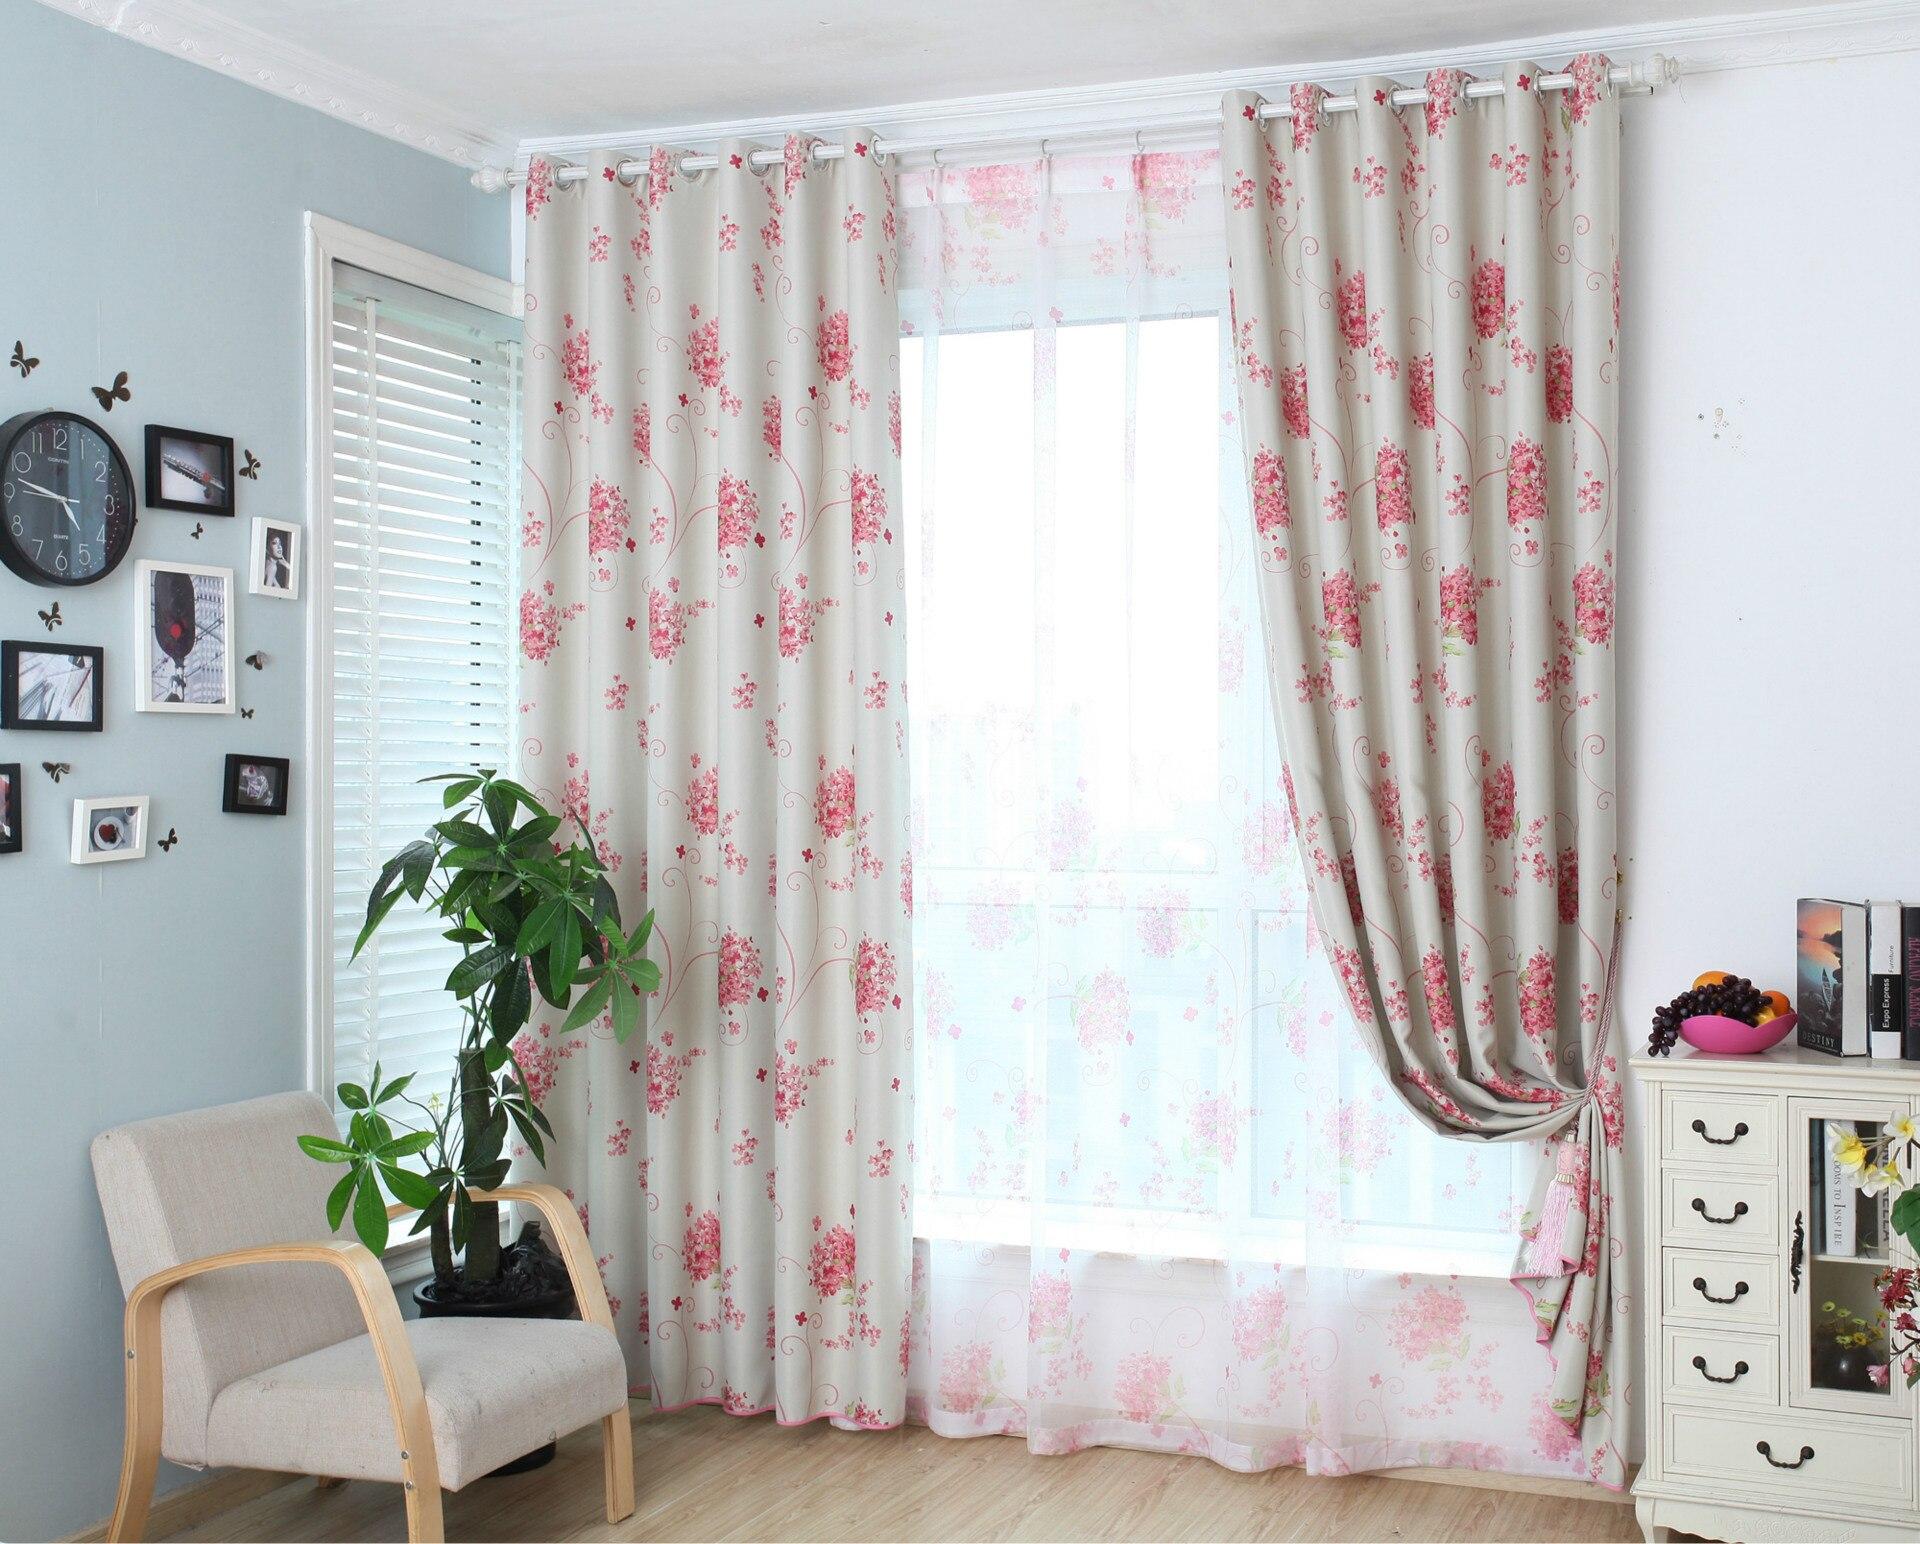 Mooie Slaapkamer Gordijnen : Mooie gordijnen. amazing gezellig terug trekken in je huis cocoonen